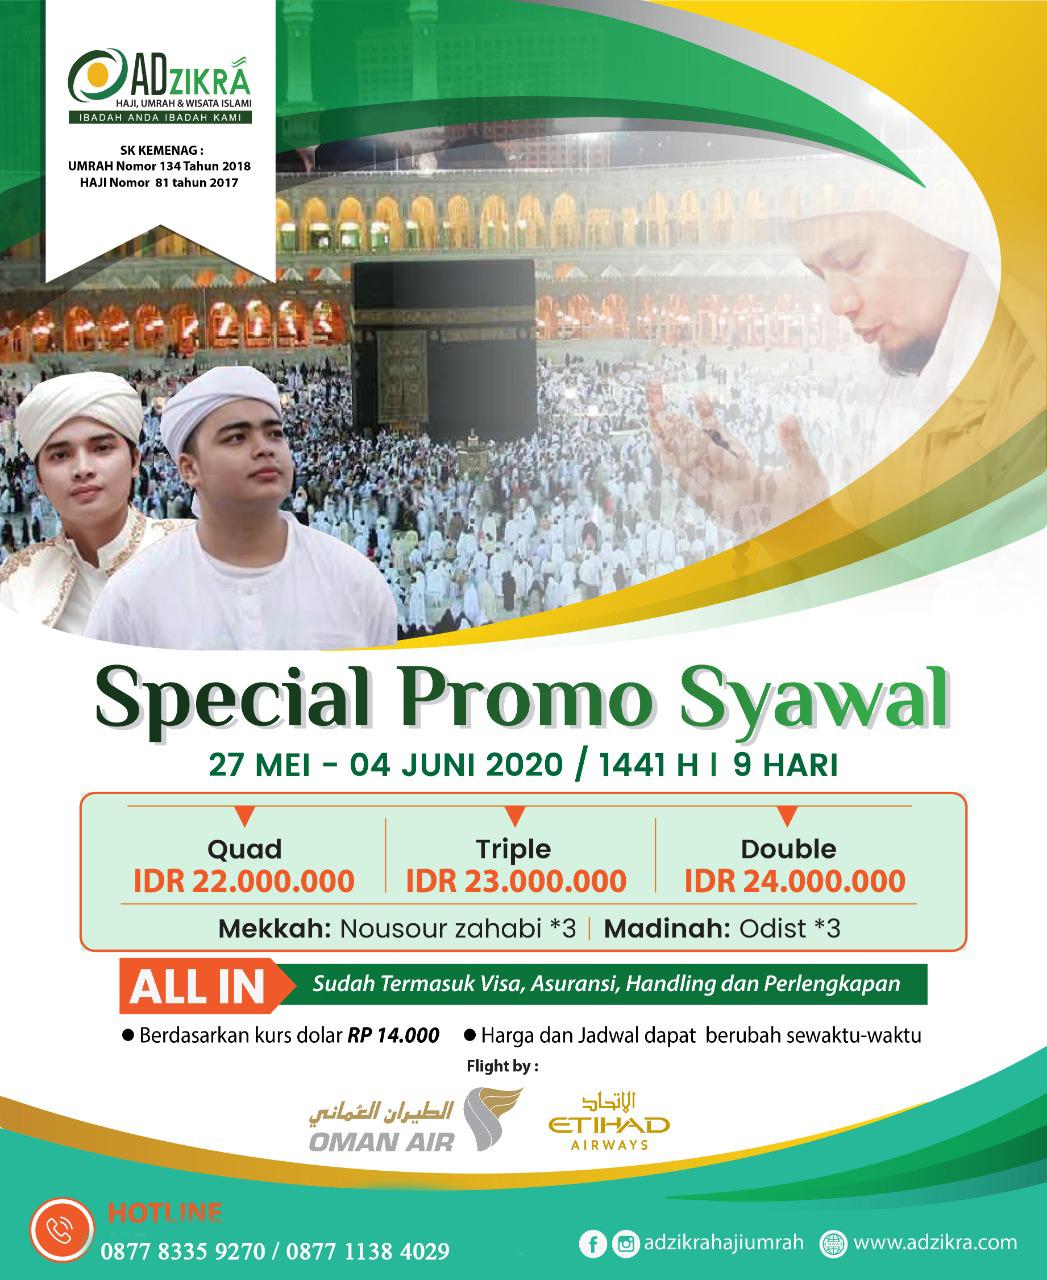 SPECIAL PROMO SYAWAL